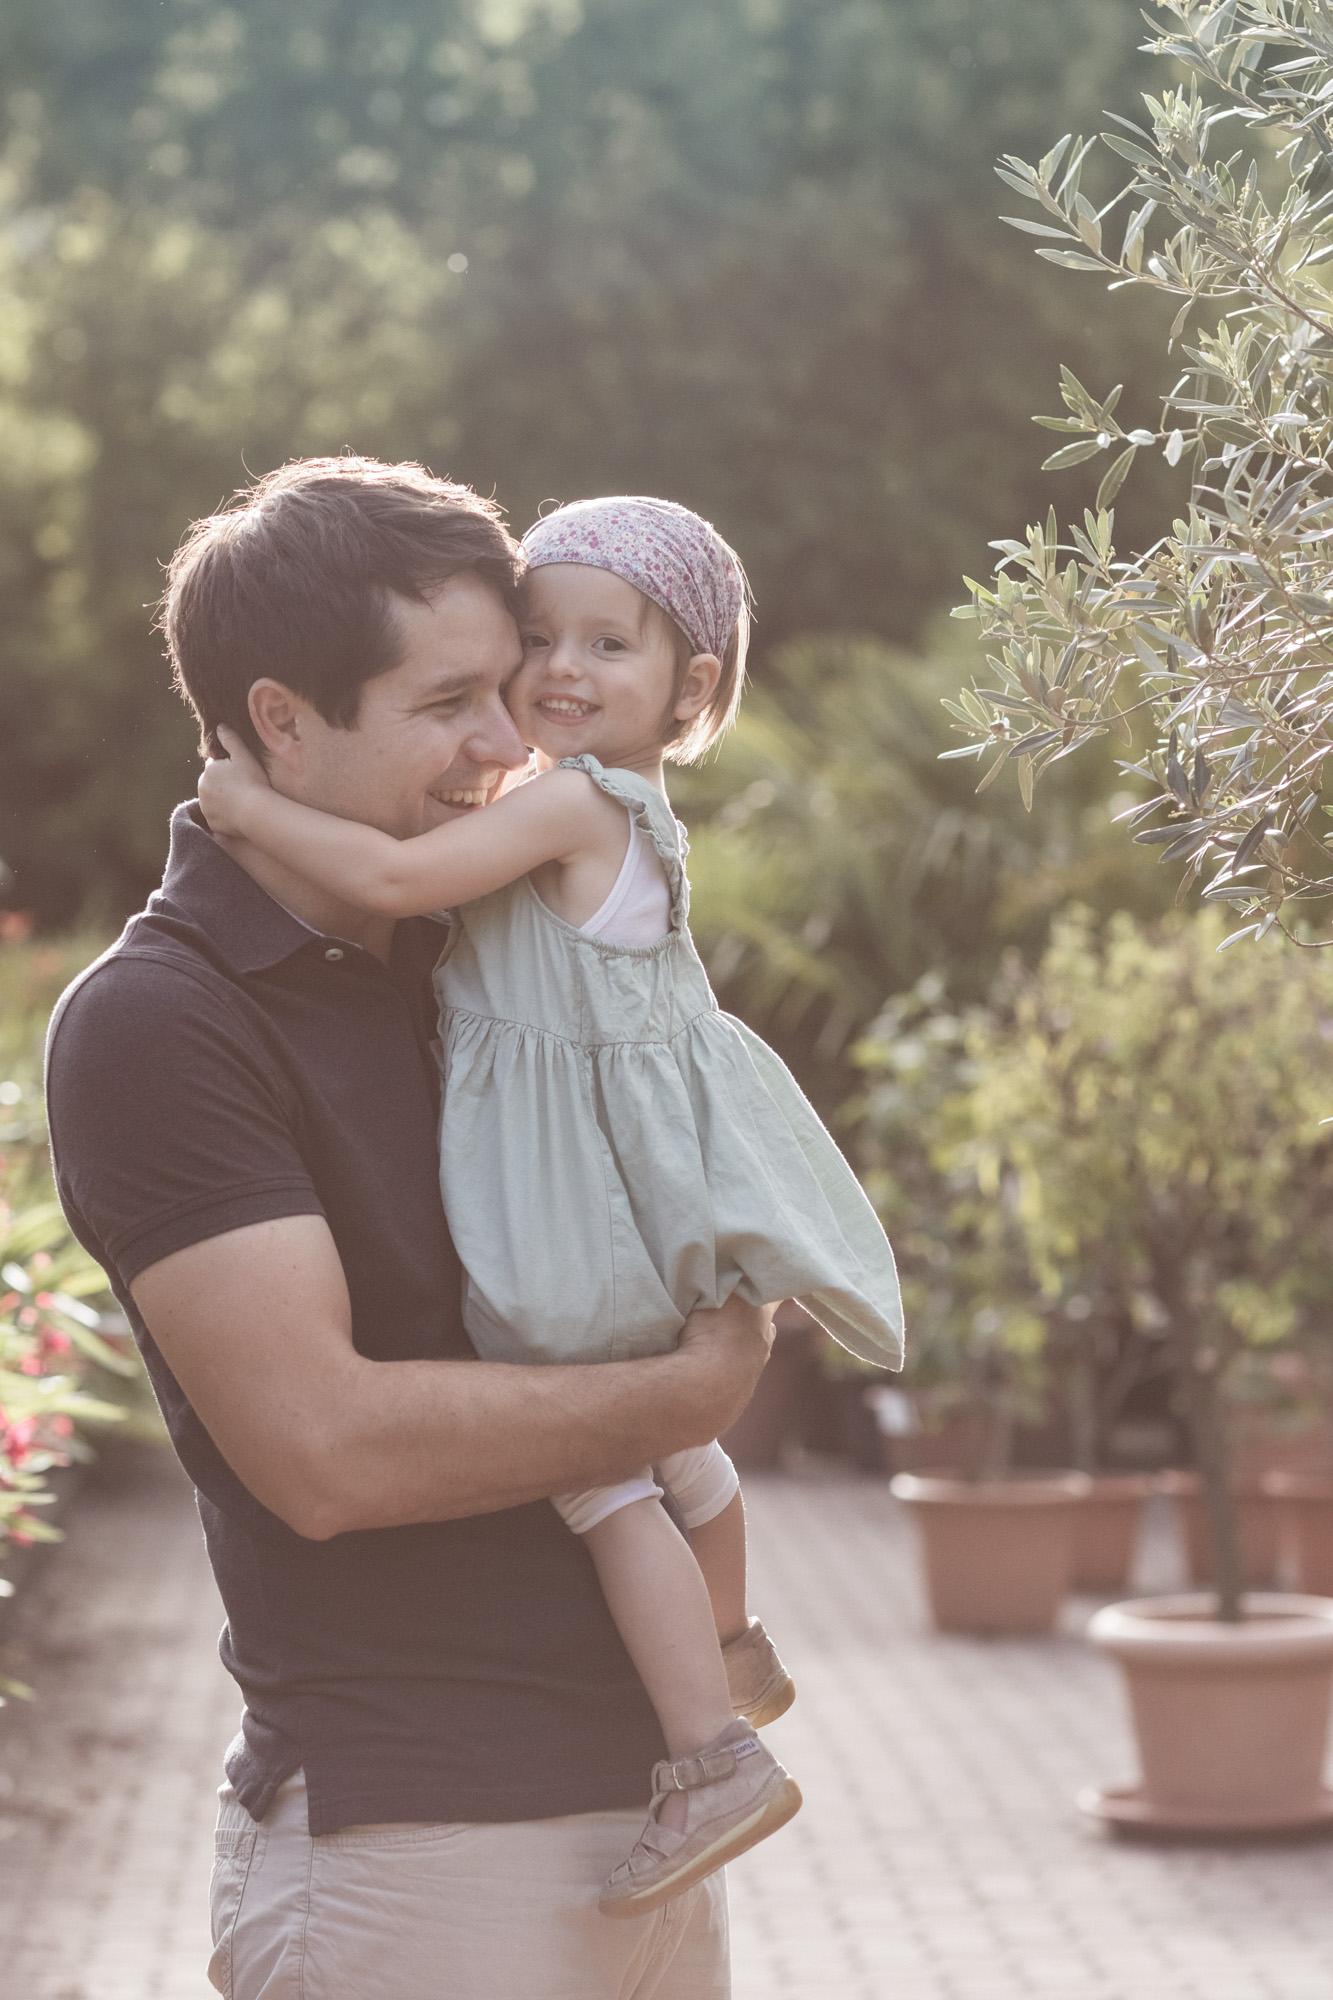 Babybauch und Familienfotoshooting in den Merian Gärten - Der Papa mit seiner kleinen Tochter